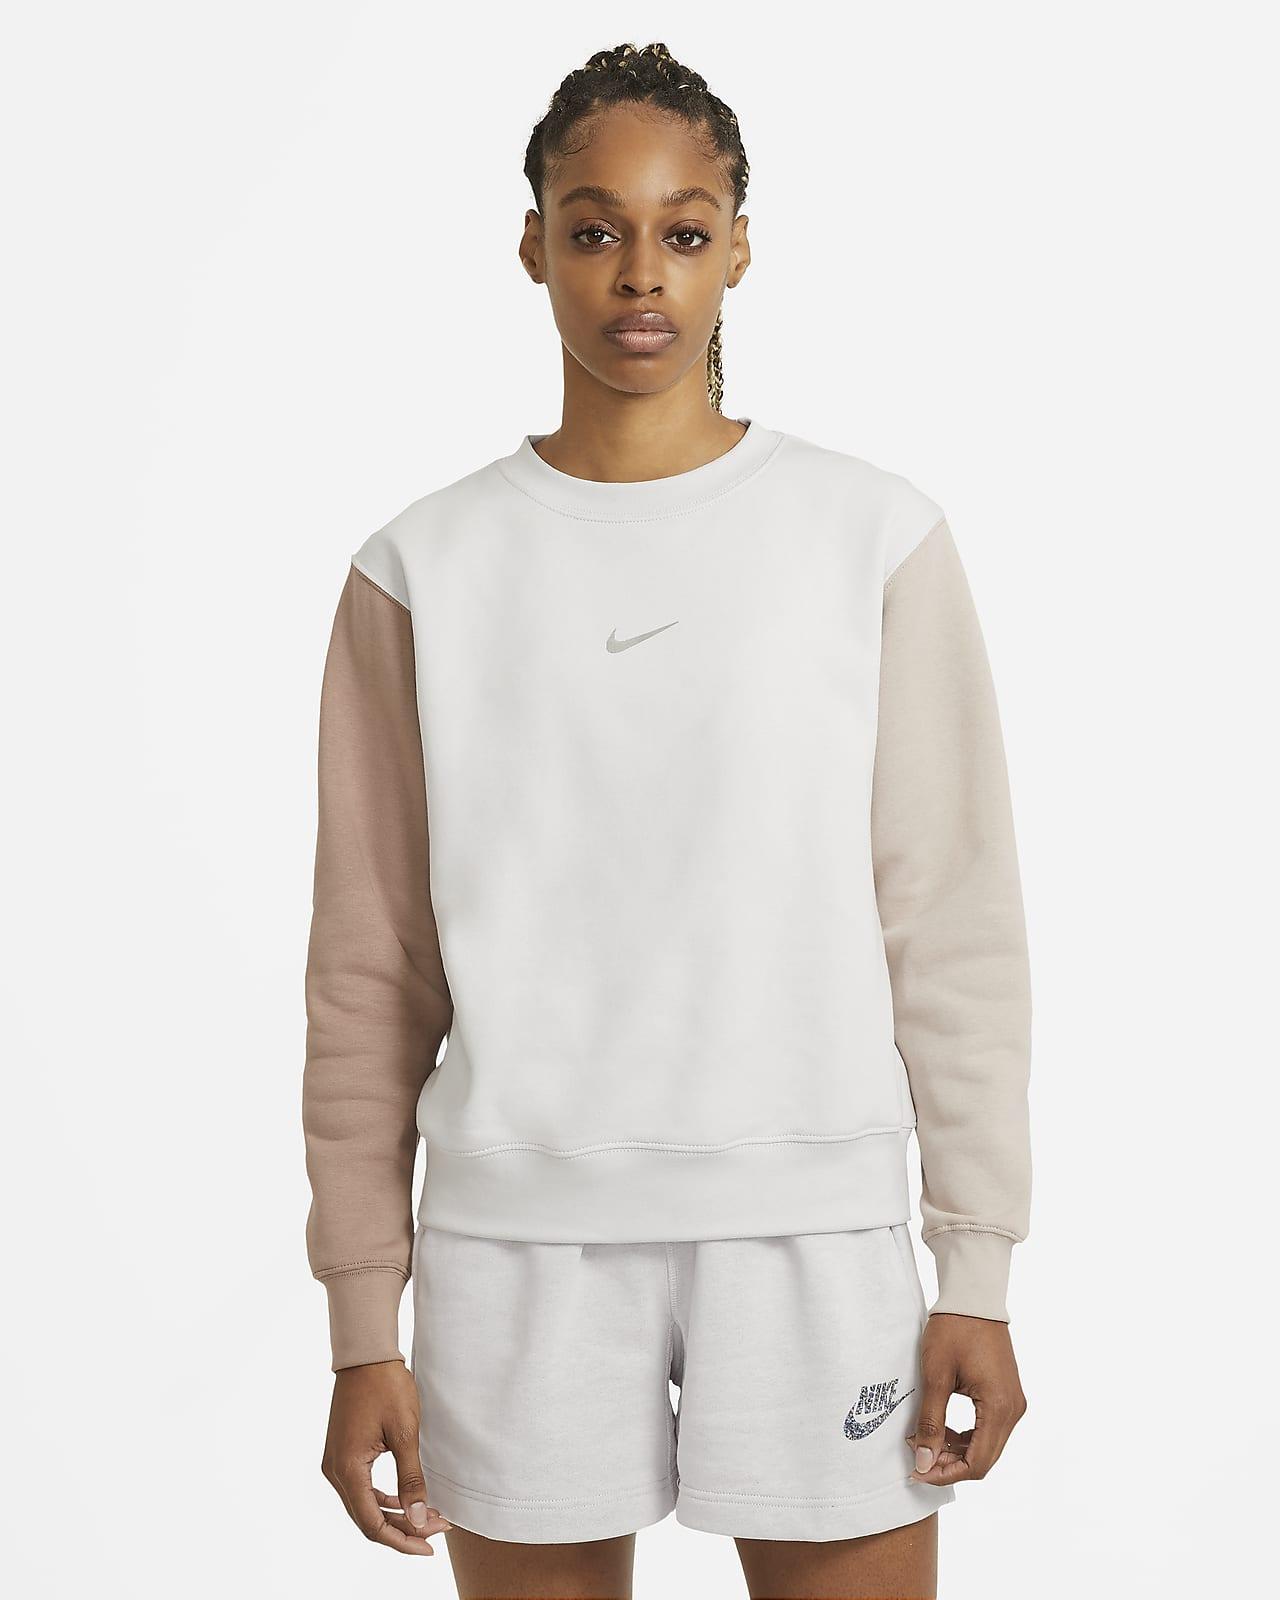 Tröja med rundad hals Nike Sportswear Swoosh för kvinnor